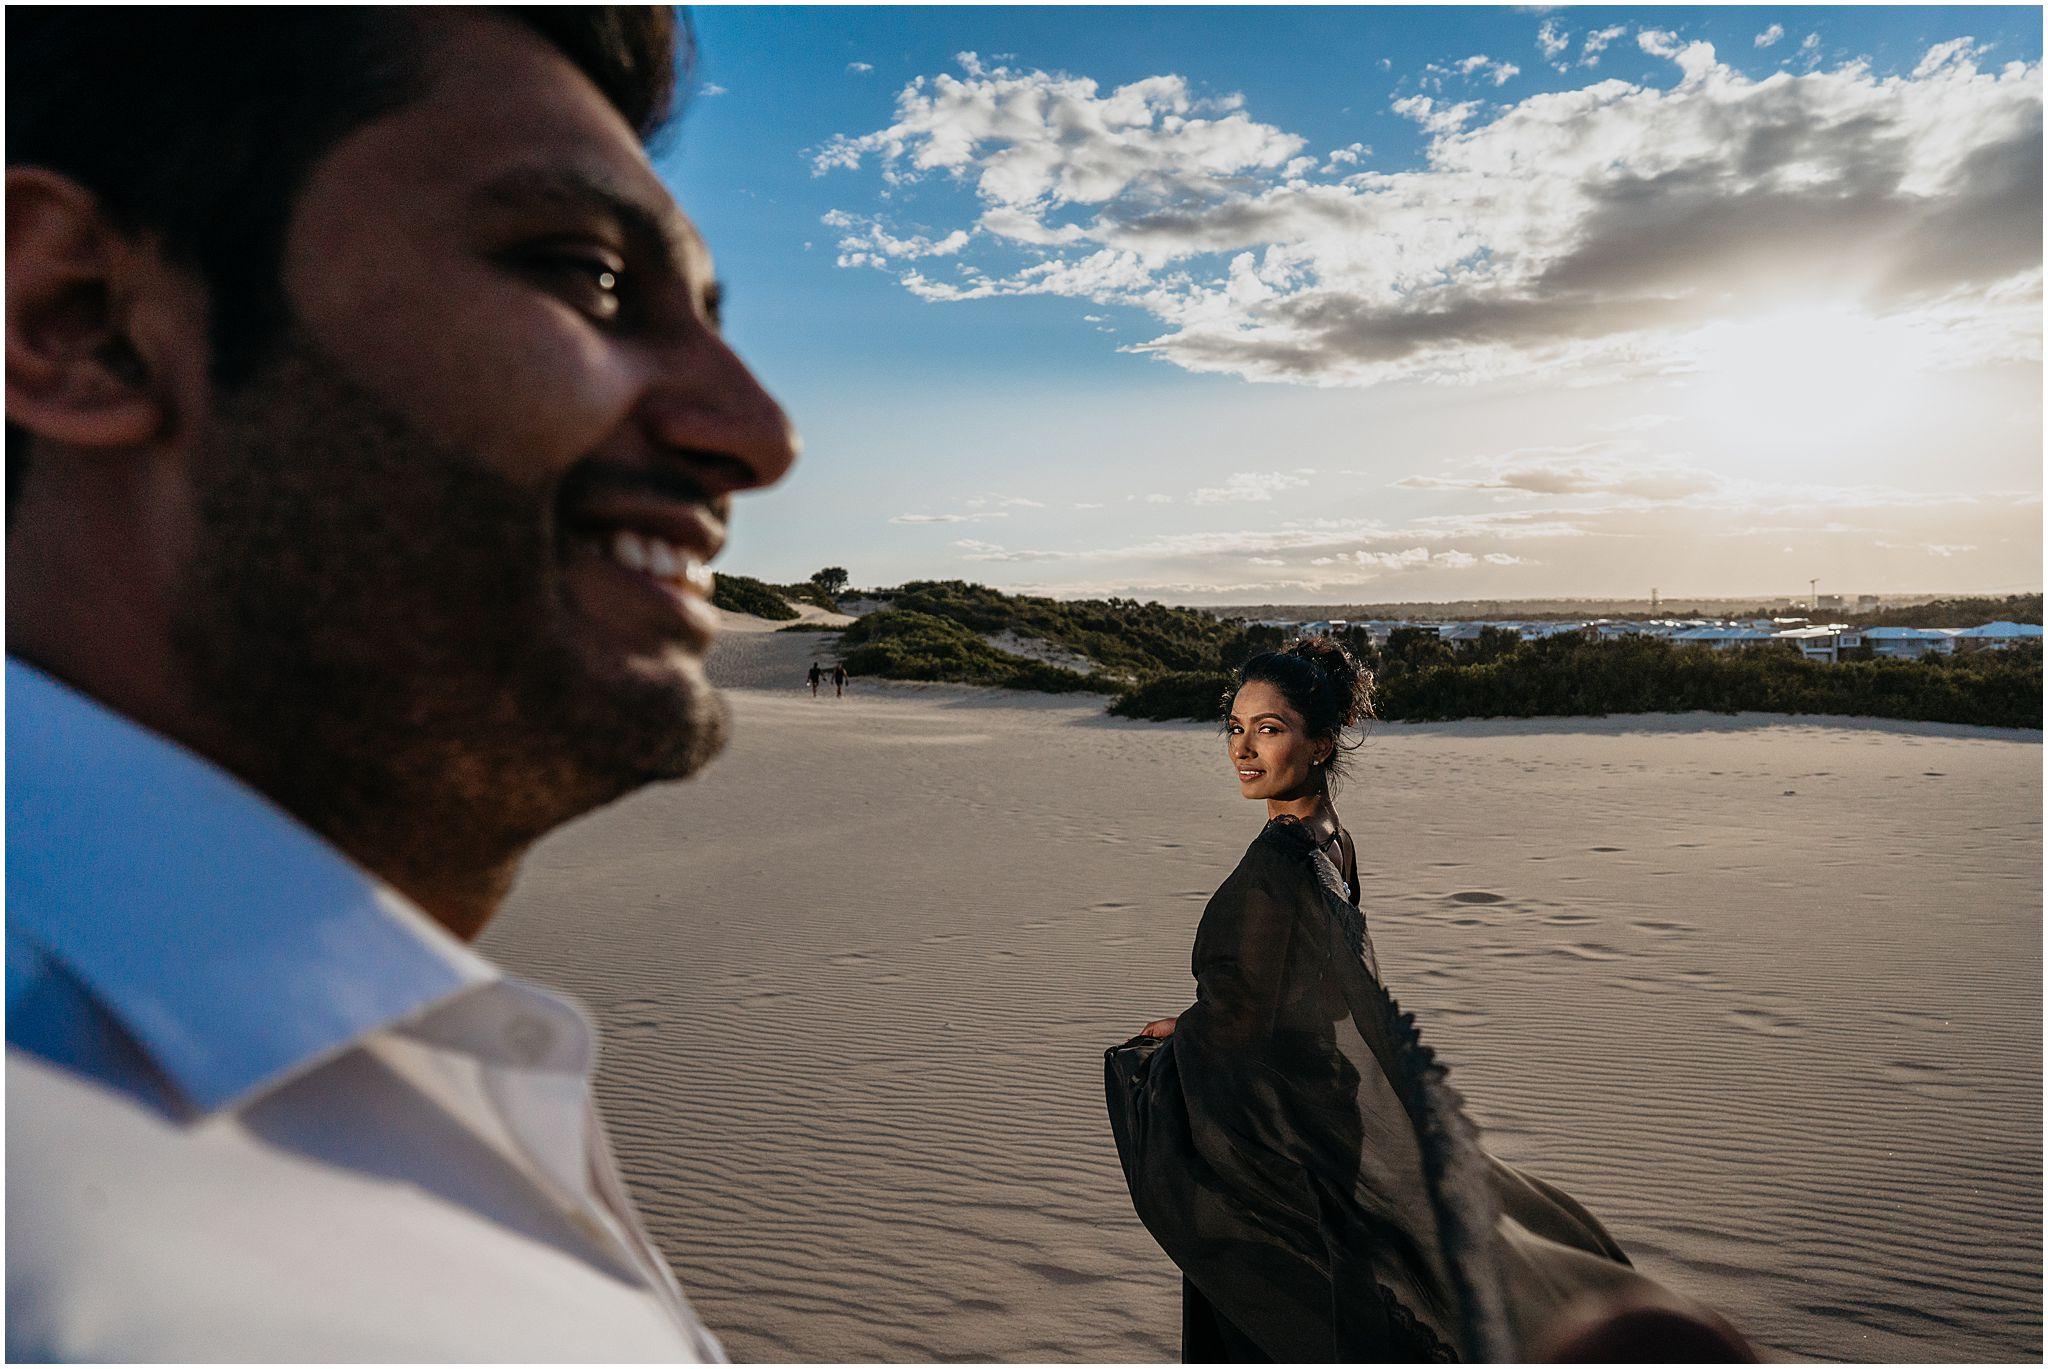 sand dunes photoshoot sydney